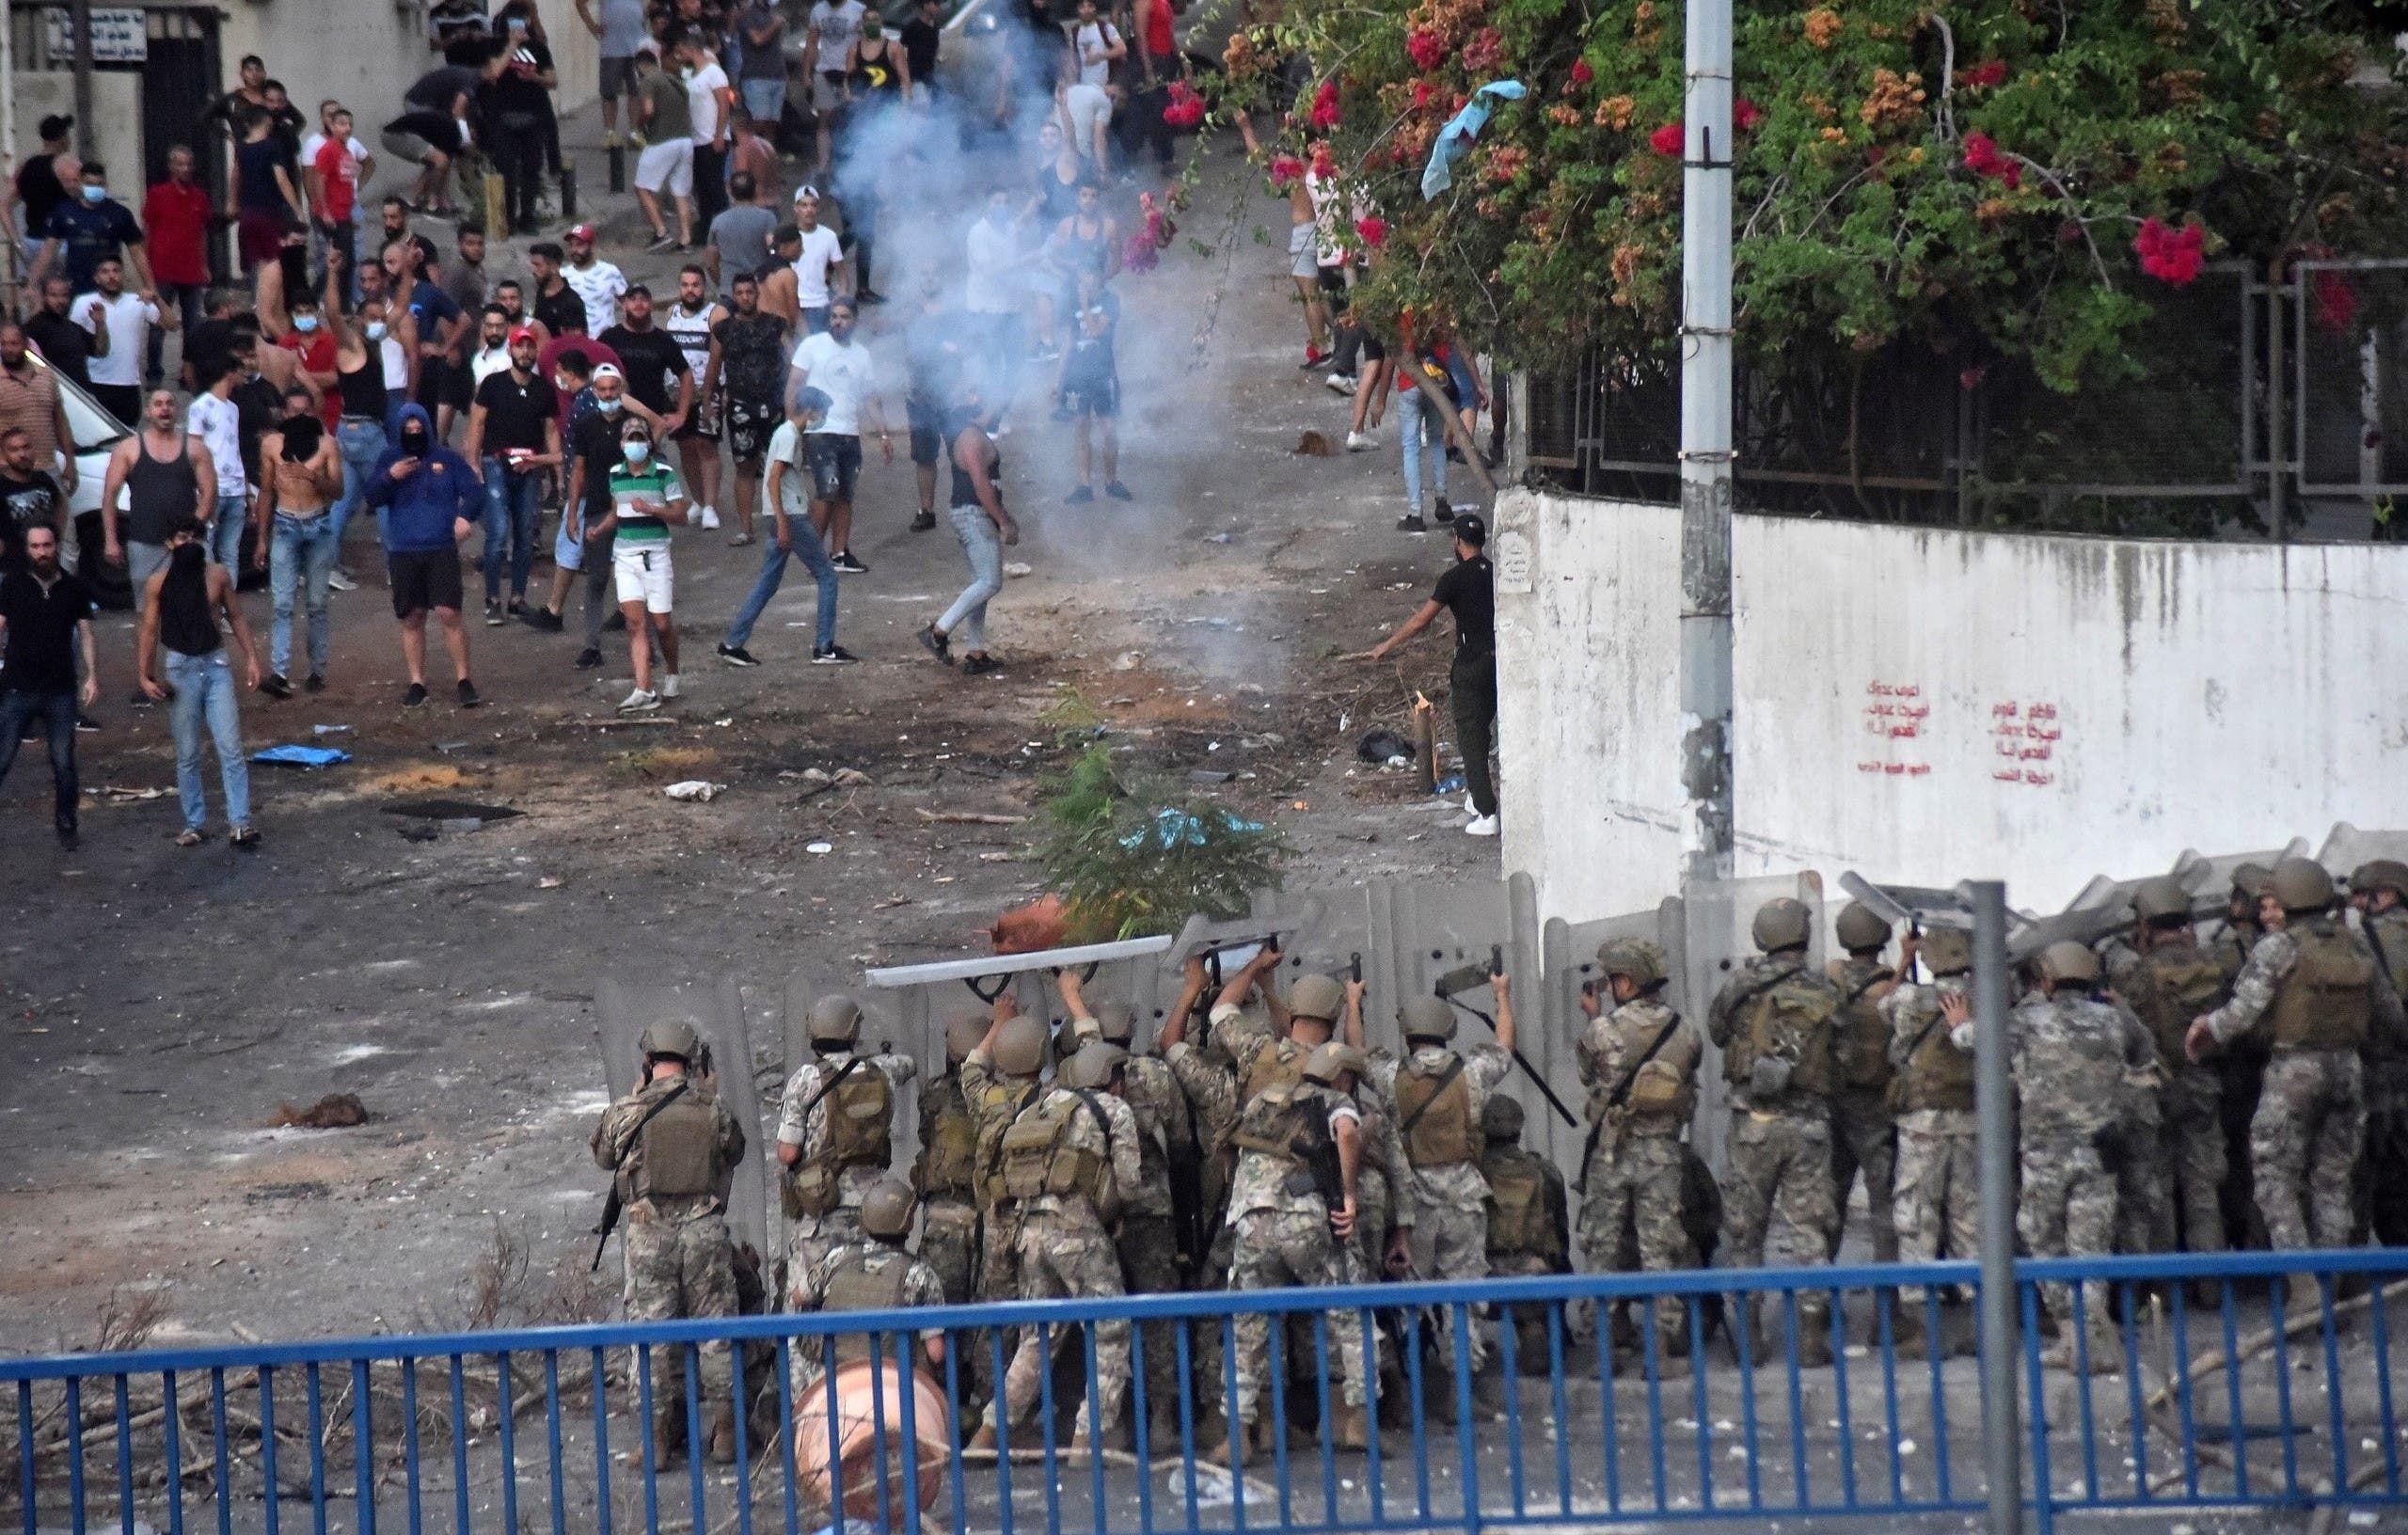 مواجهات في بيروت في 15 يوليو الحالي إثر اعتذار الحريري عن تشكيل الحكومة بسبب خلافات مع عون